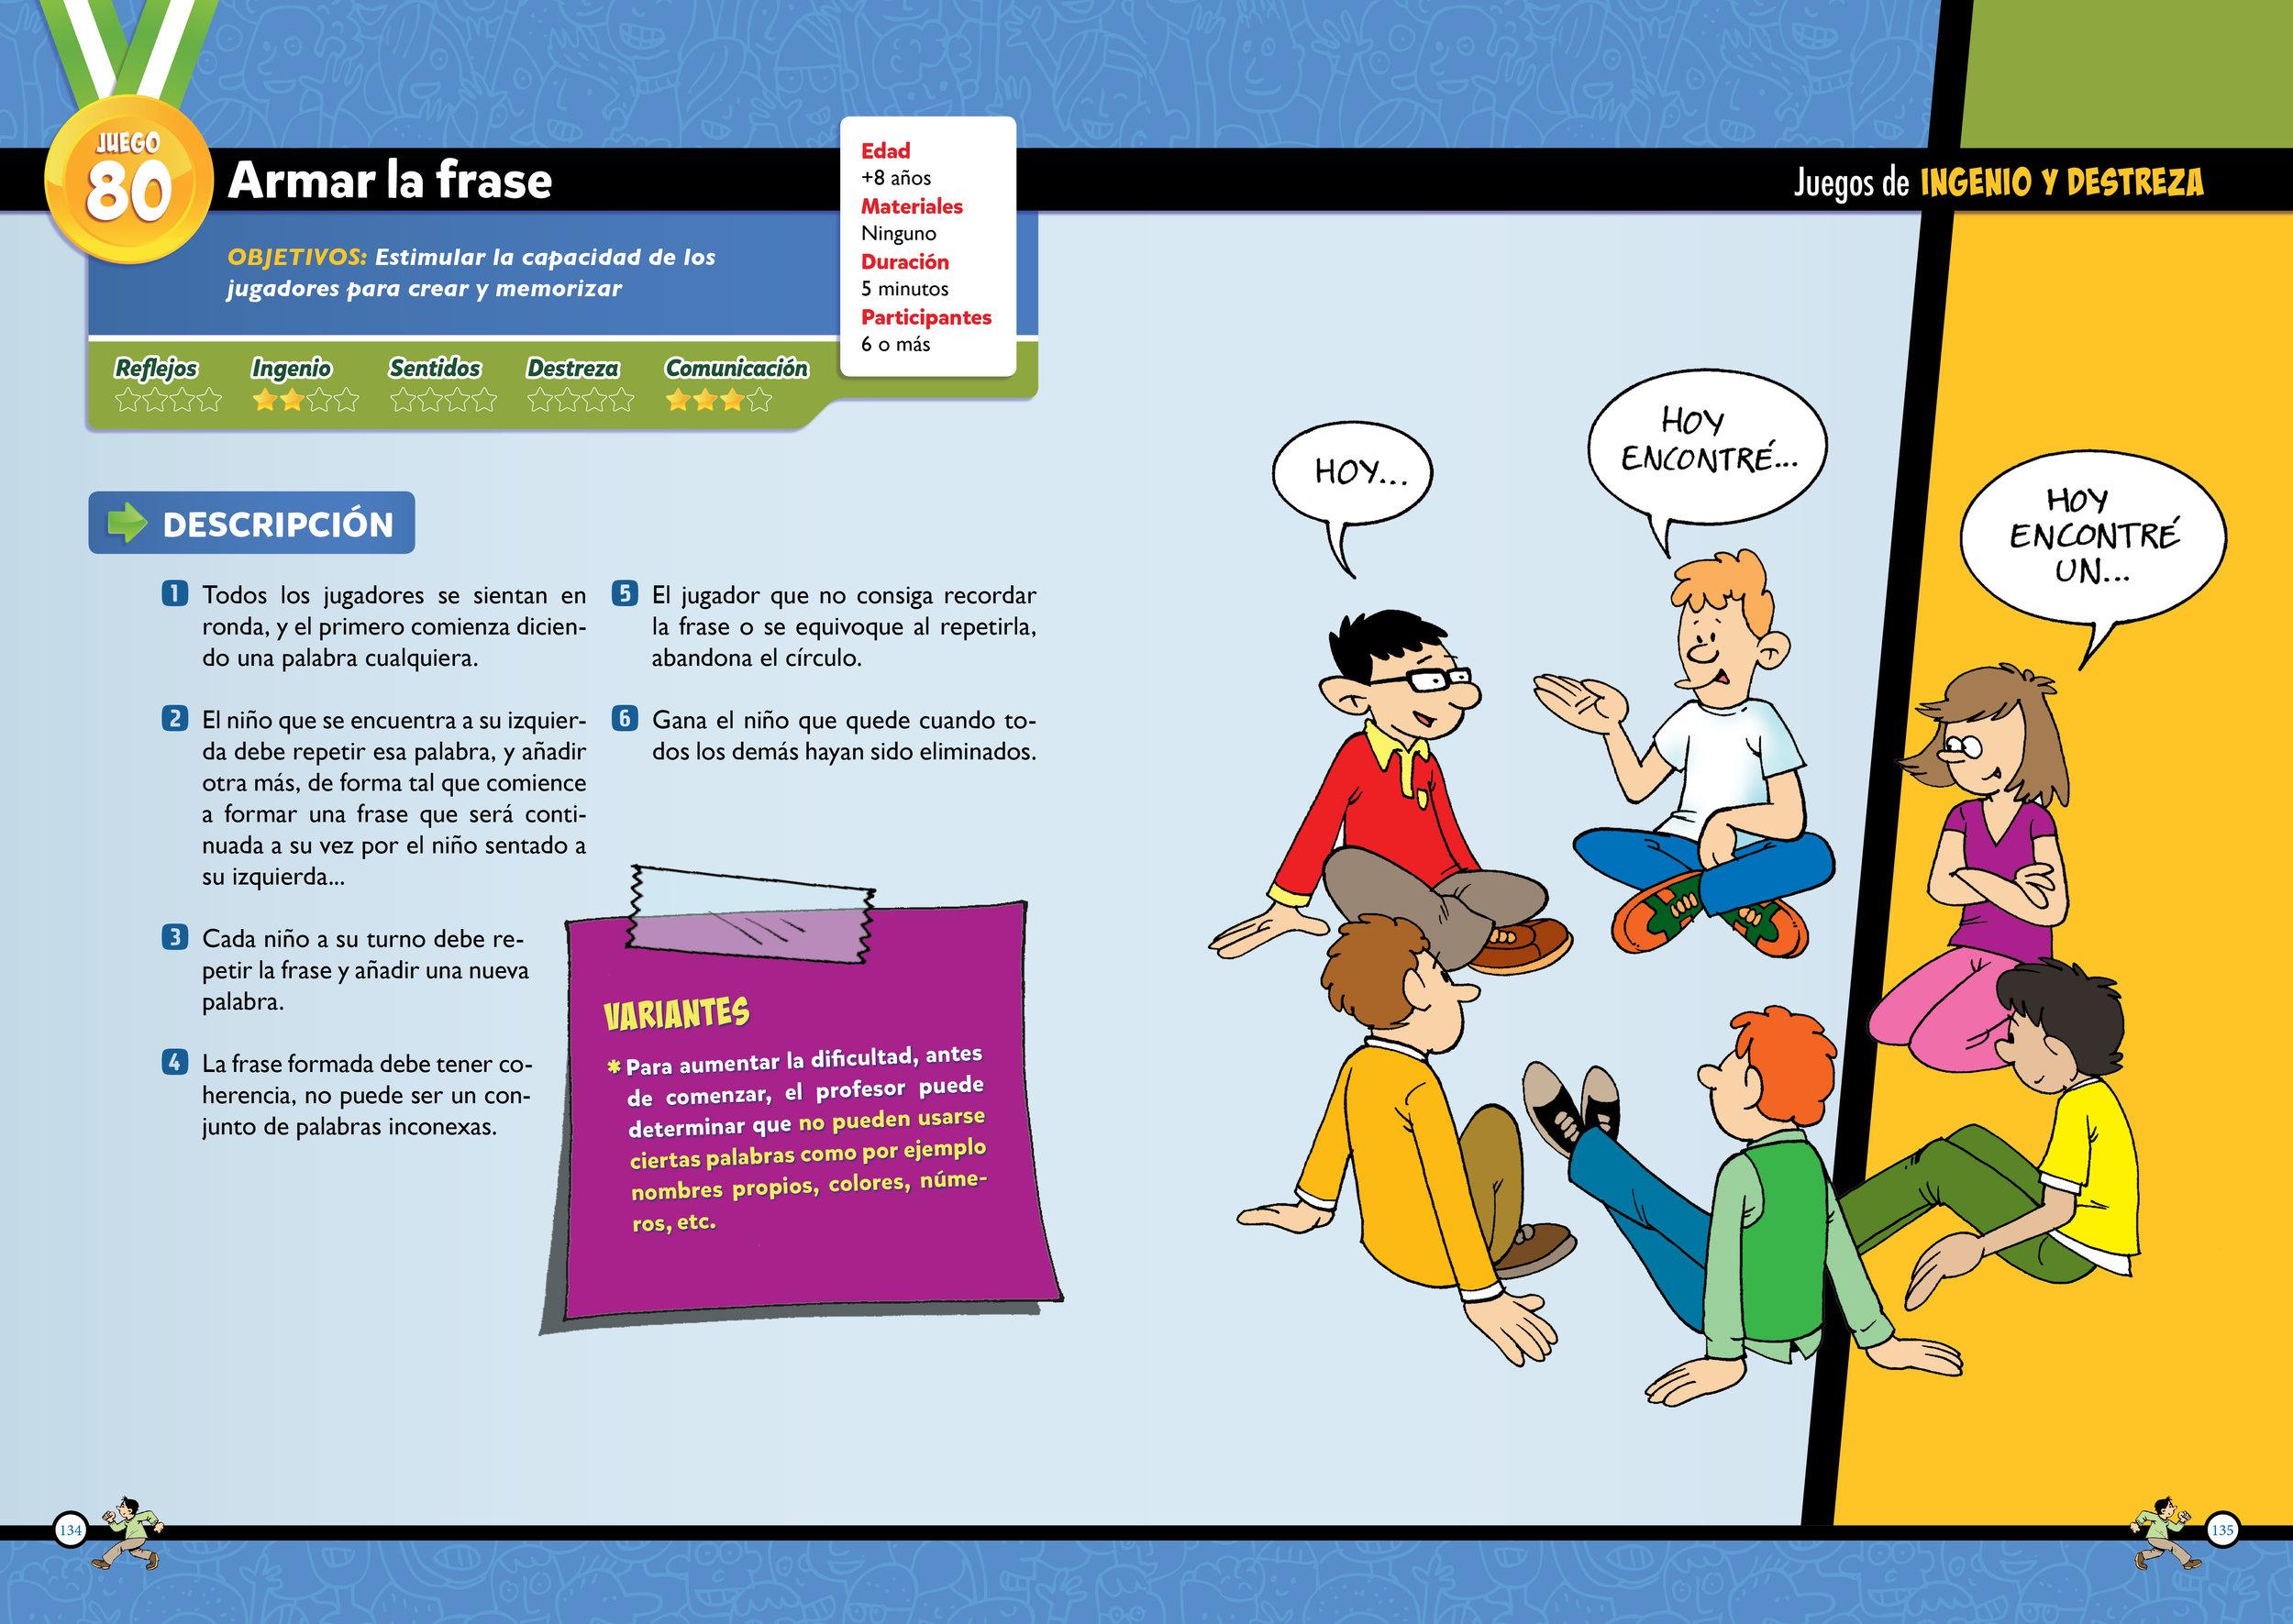 Juegos_EDUCACION_FISICA70 copy.jpg